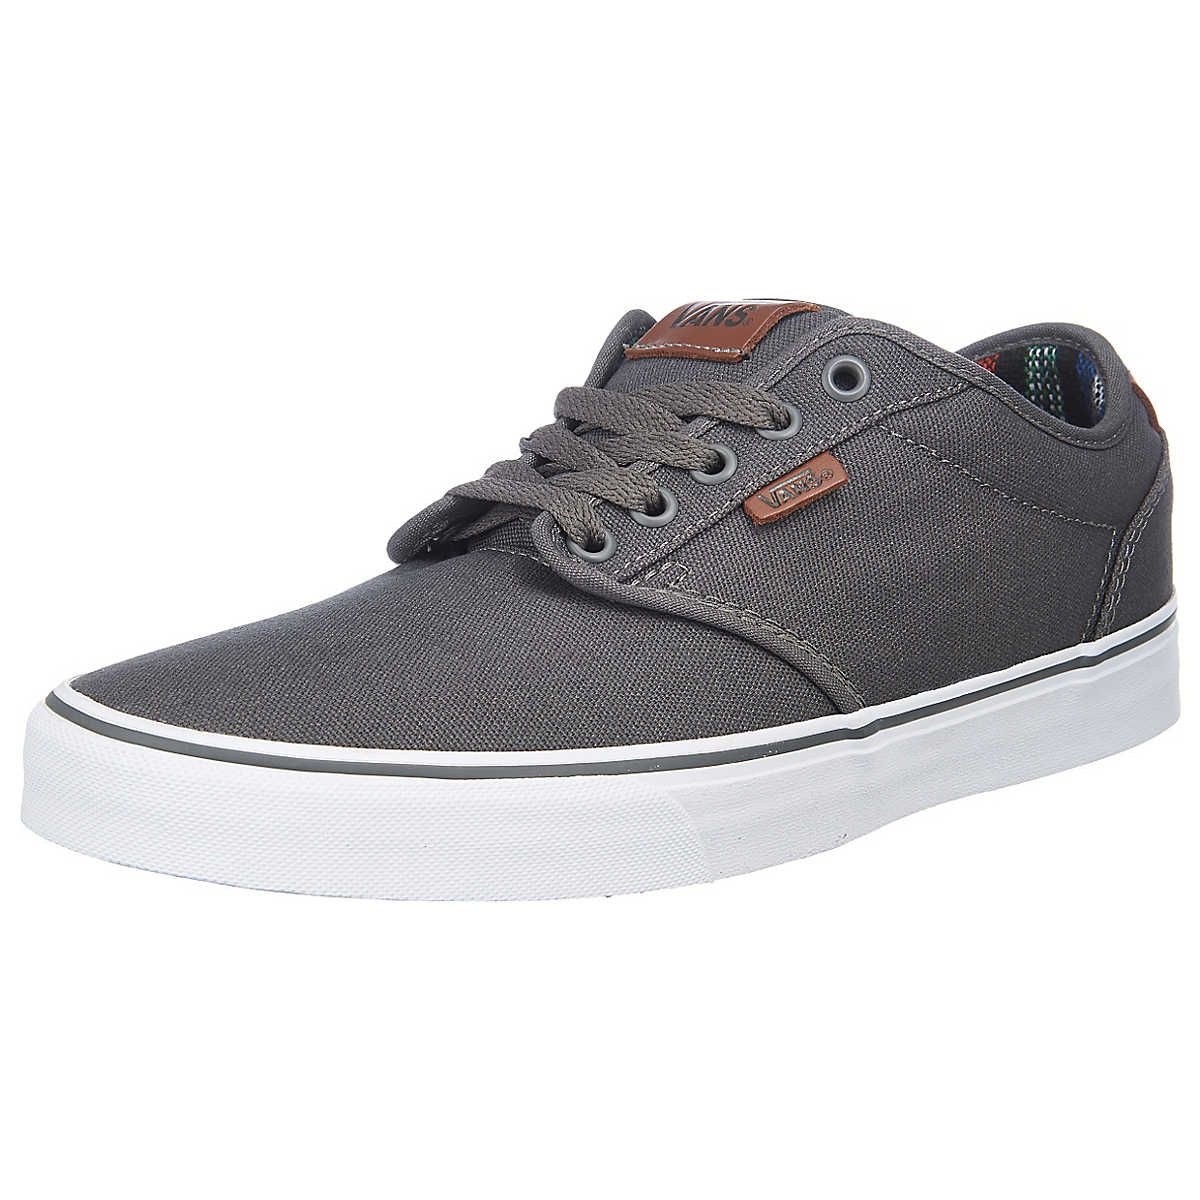 VANS Atwood Deluxe Sneakers | Schuhe, Vans schuhe und Vans